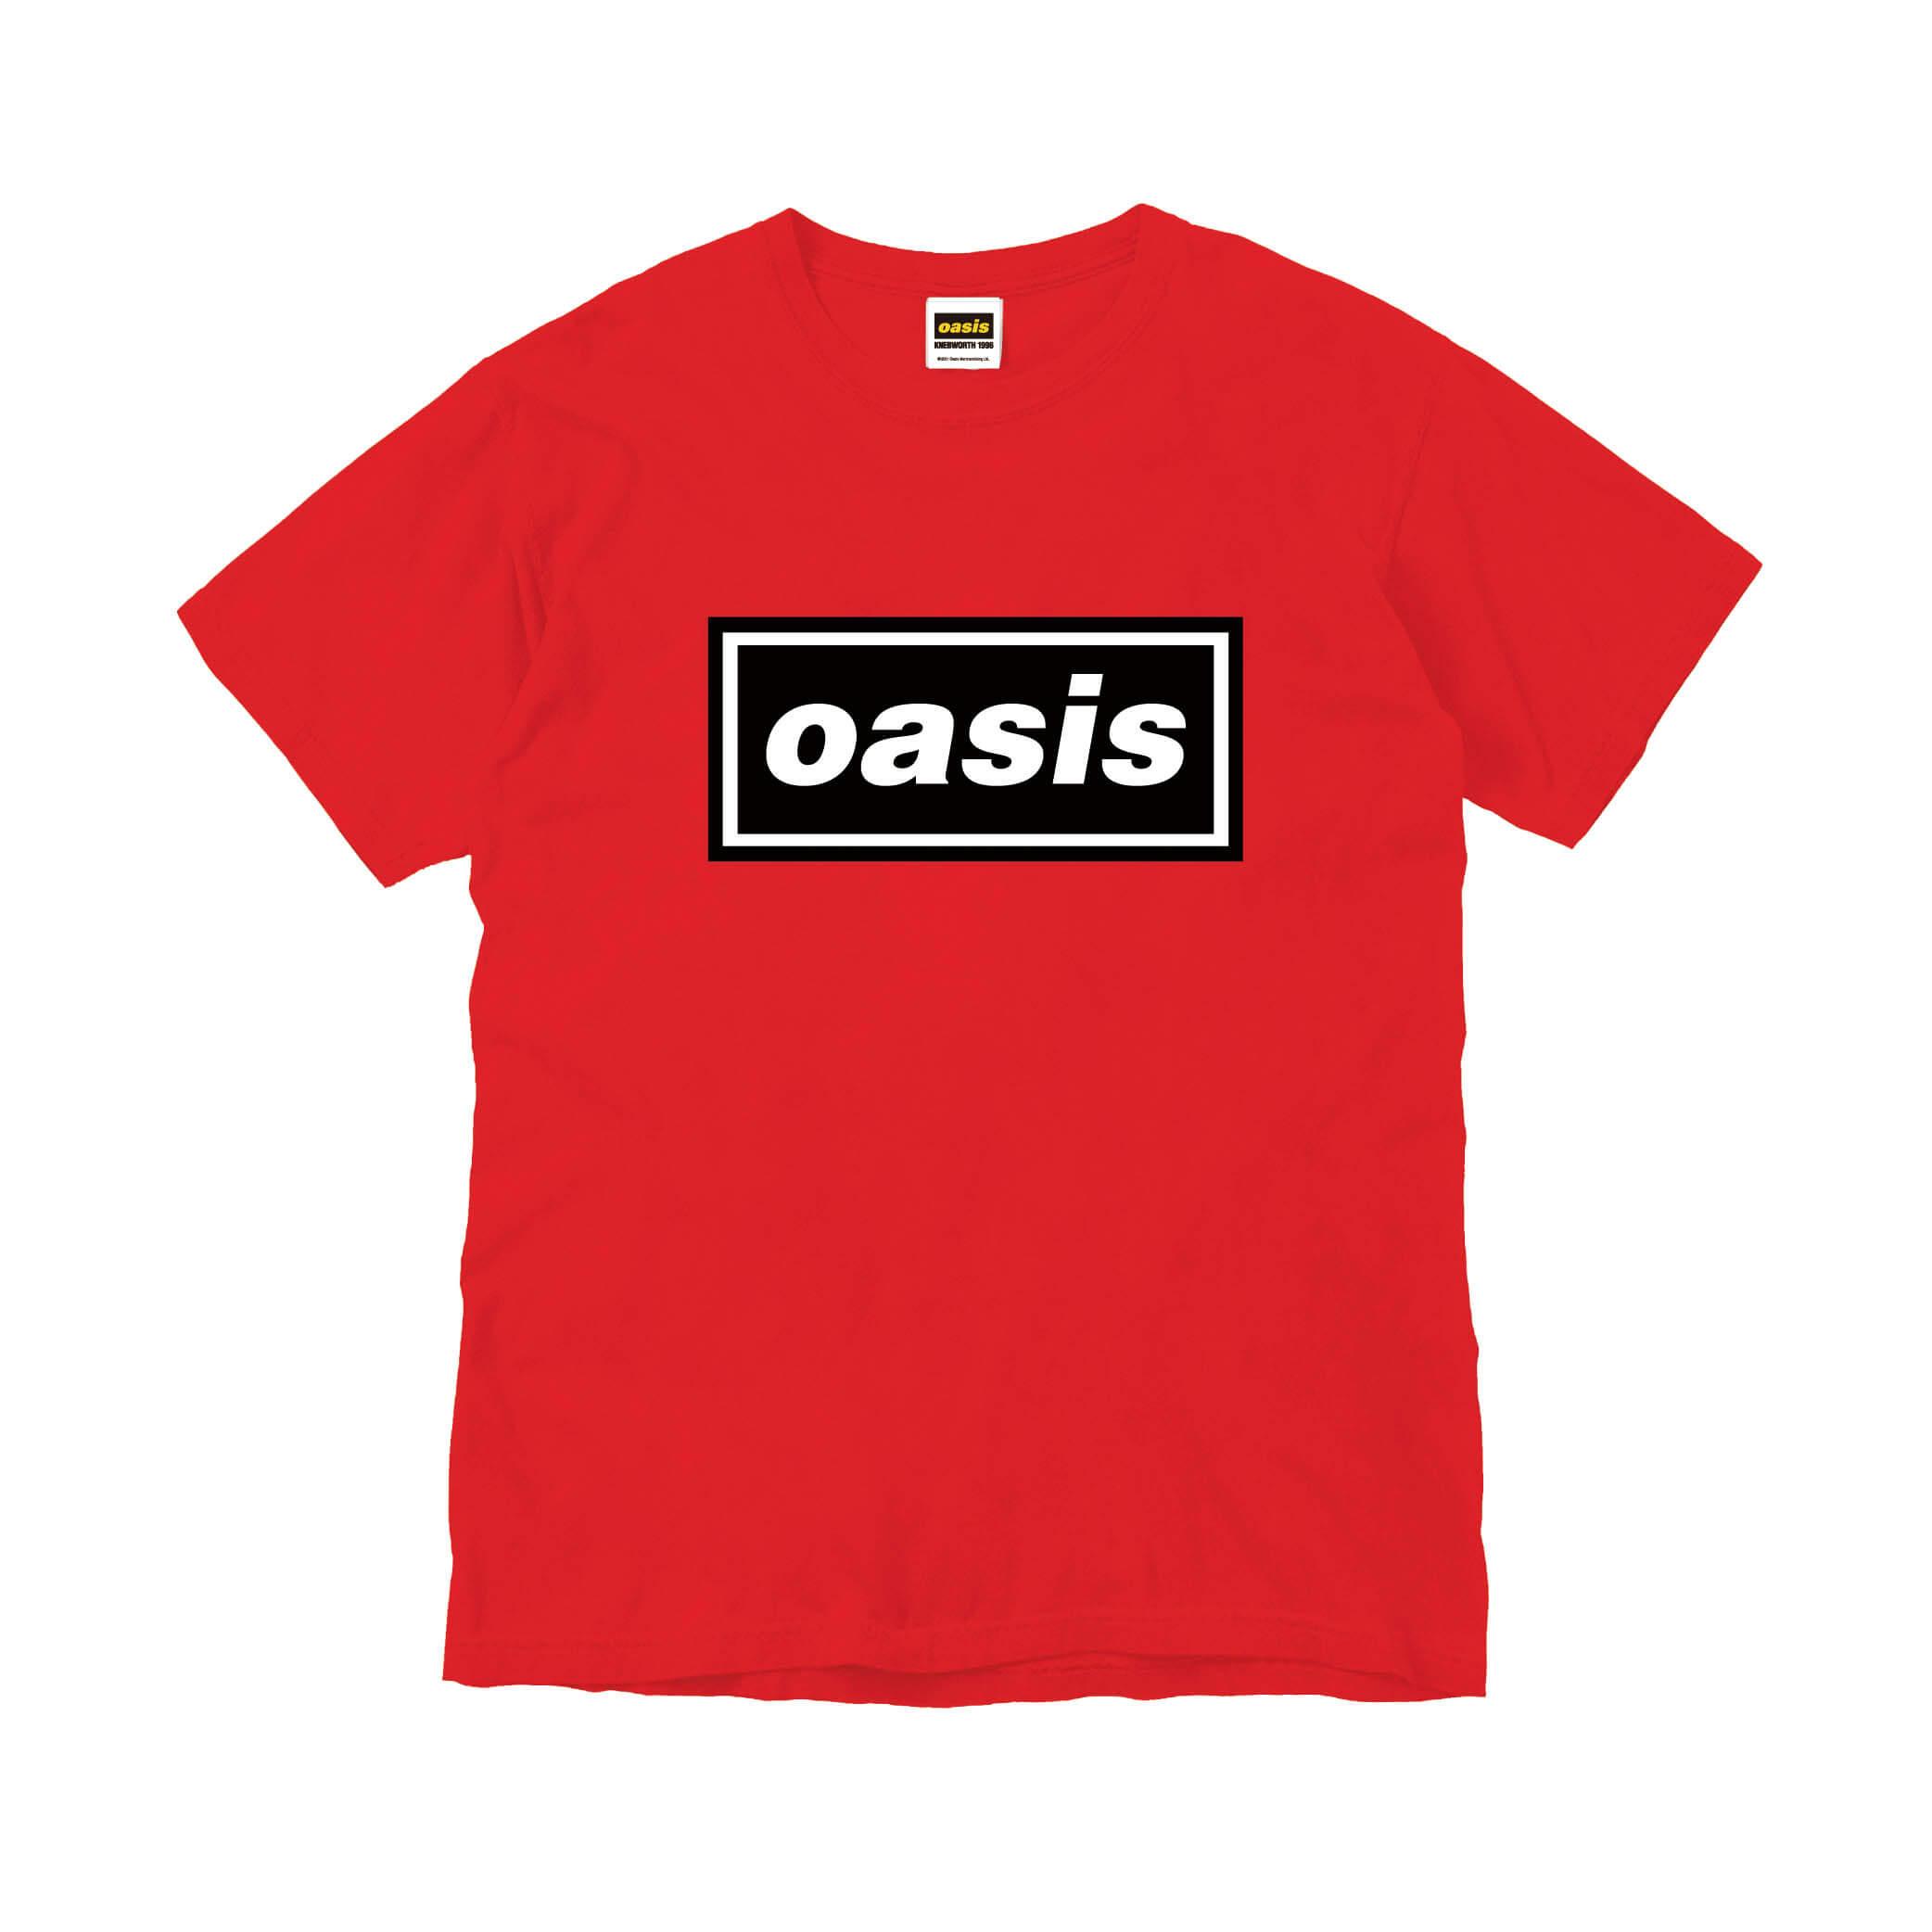 映画公開記念限定 Oasis ロゴTシャツ レッド